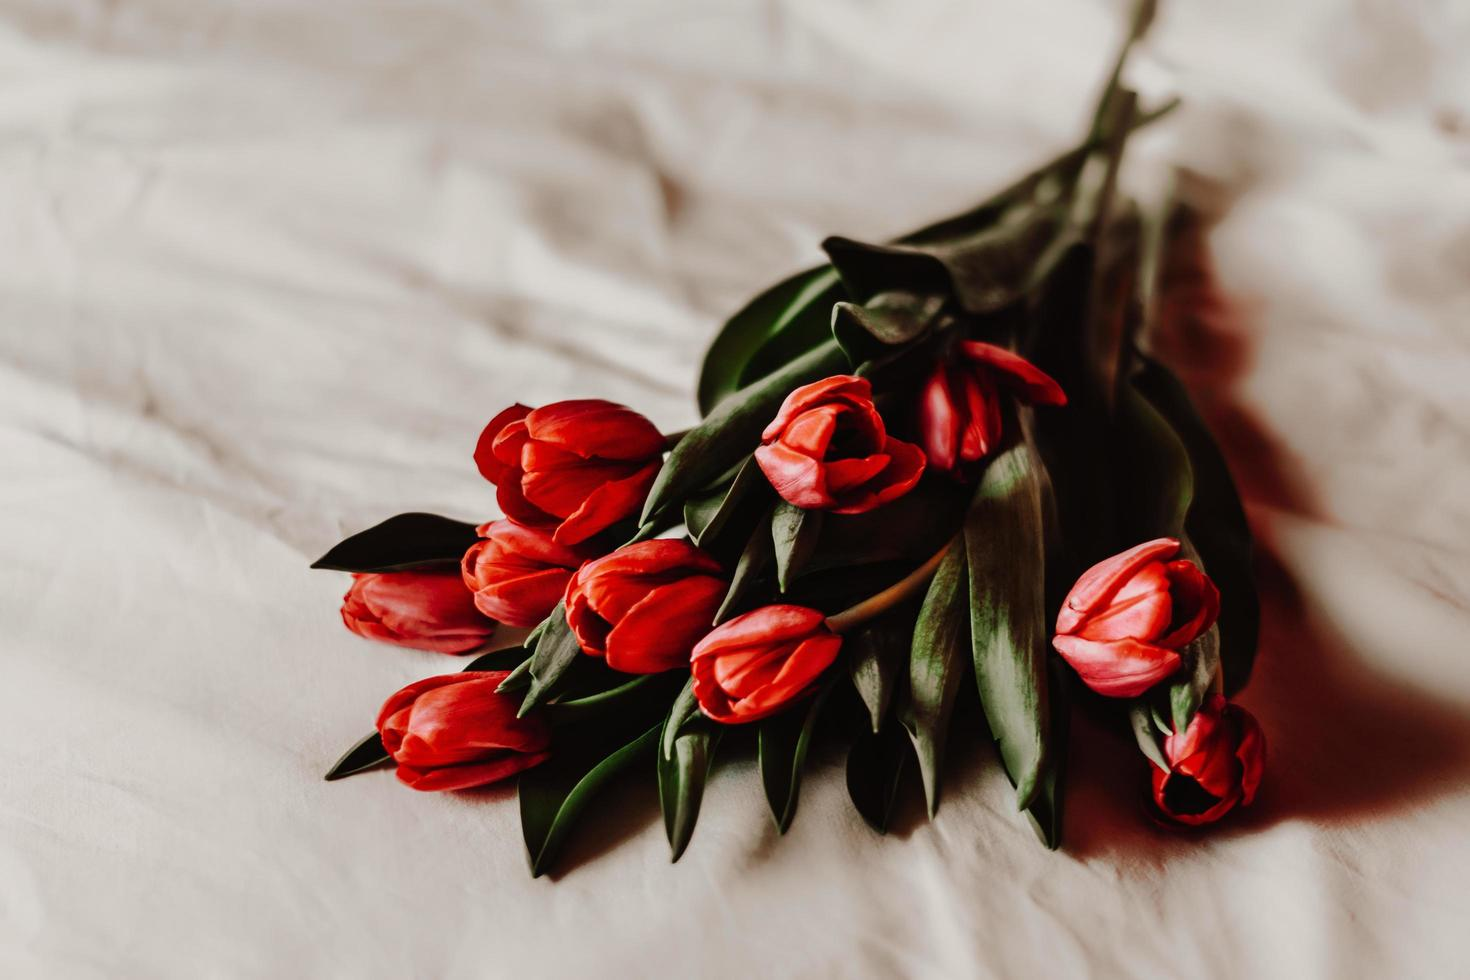 rode tulpen op wit linnen foto